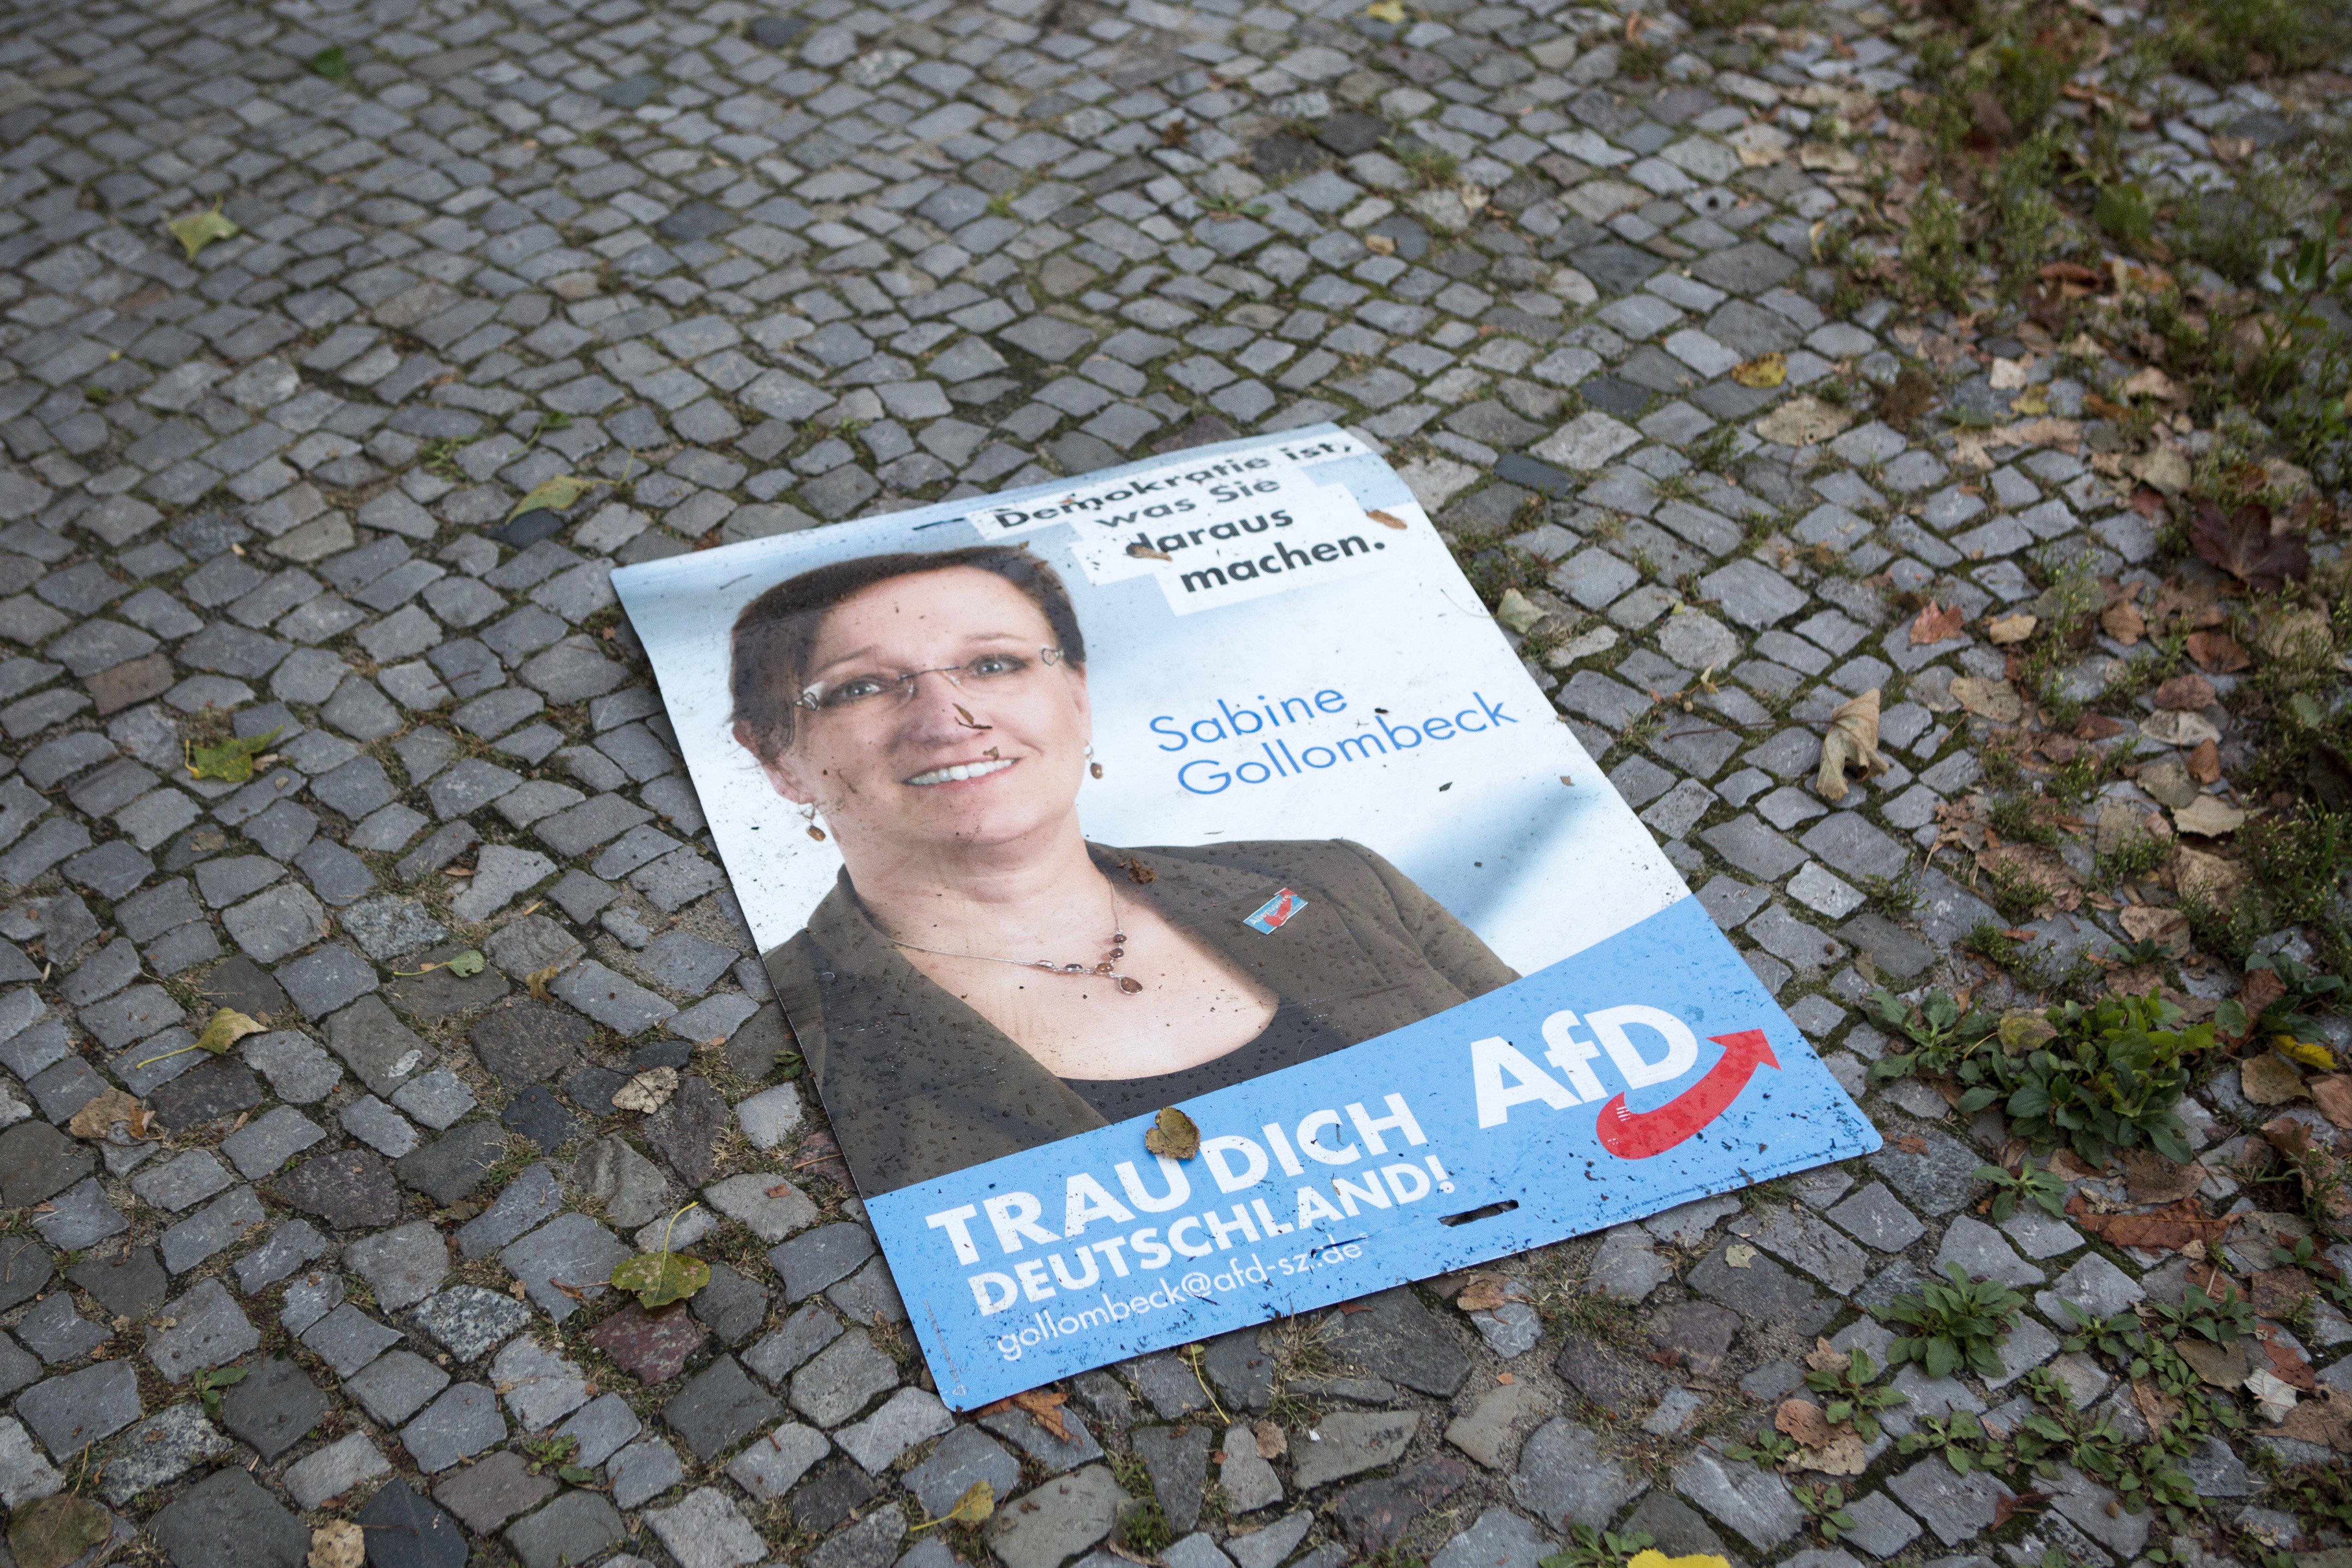 Wahlkampf in Bayern: Darum zerstört eine AfD-Kandidatin Plakate ihrer eigenen Partei